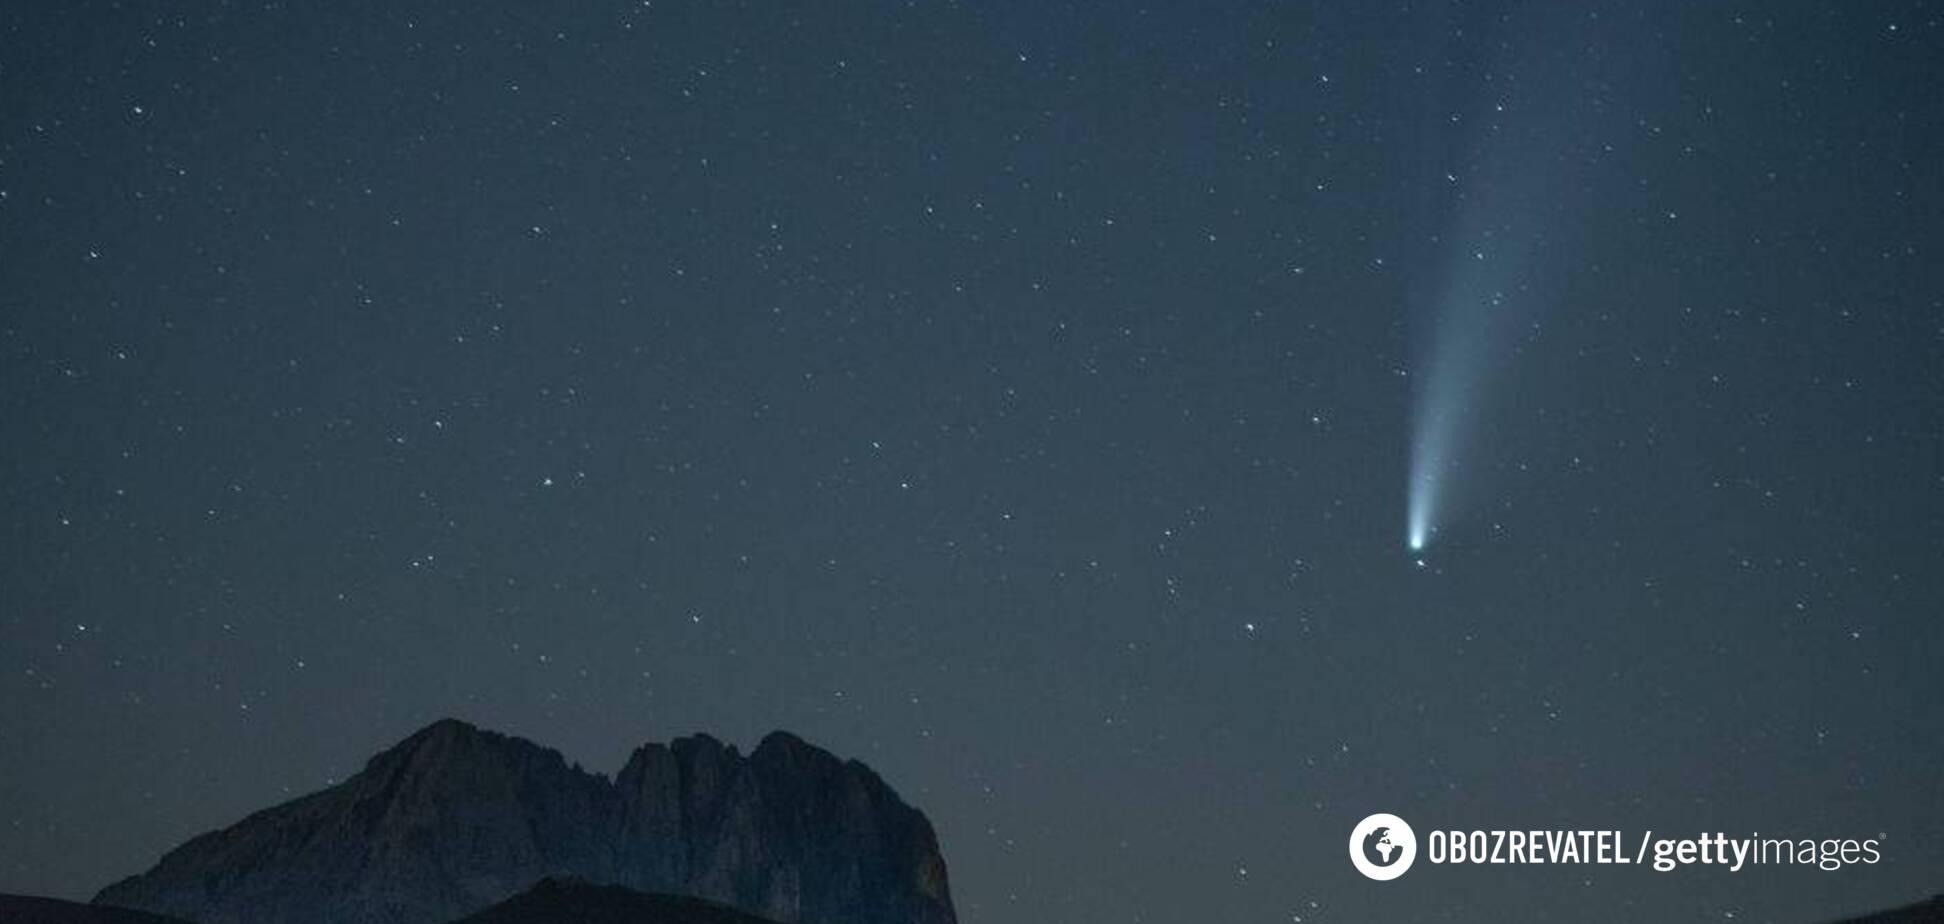 Опубликованы уникальные фото кометы Neowise на фоне красных спрайтов